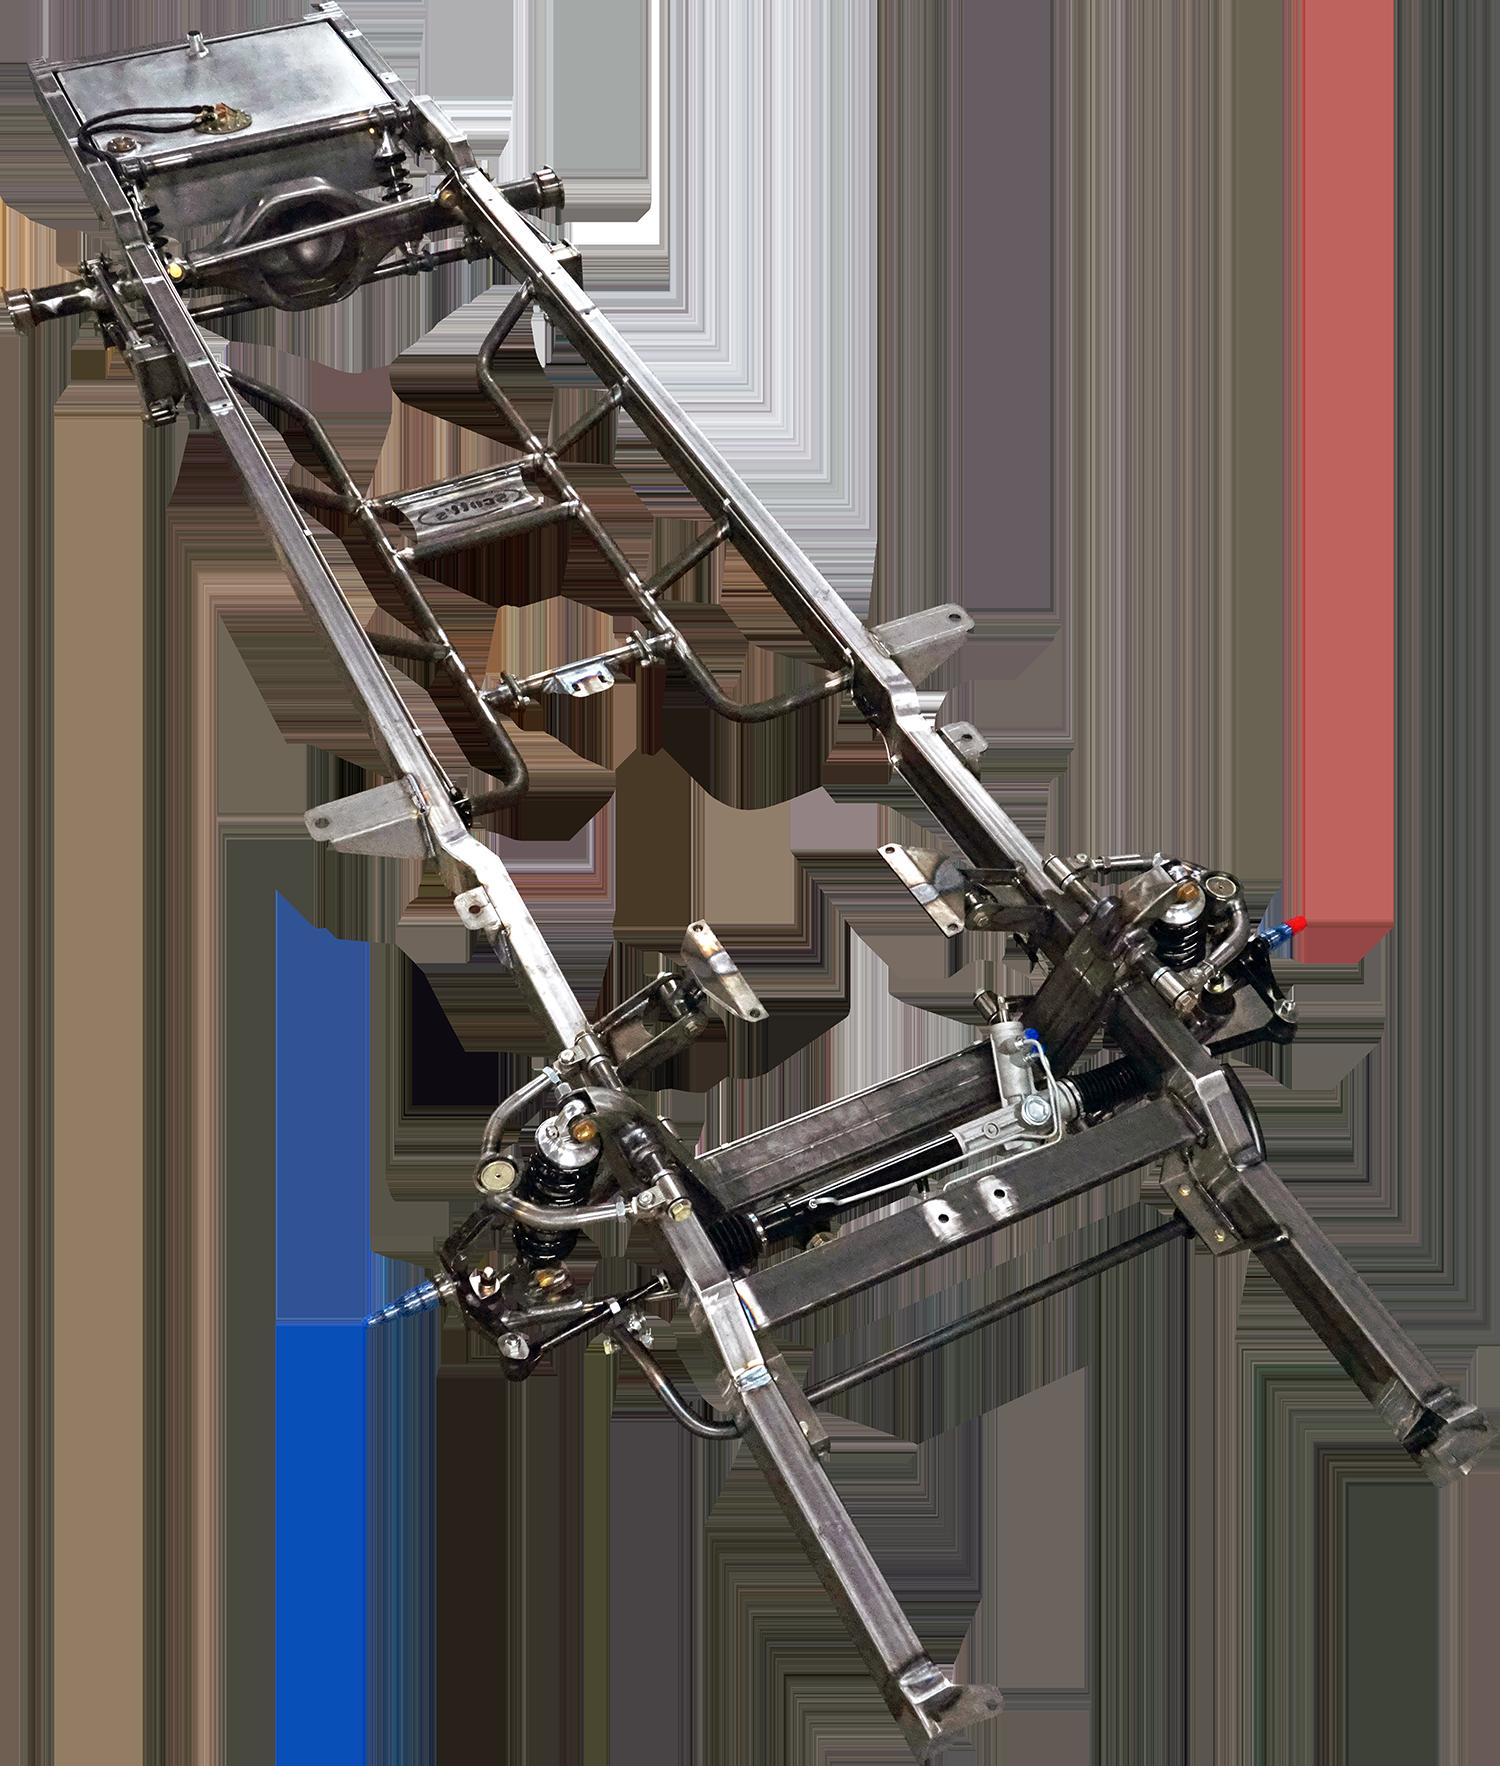 scotts-48-52-F1-chassis